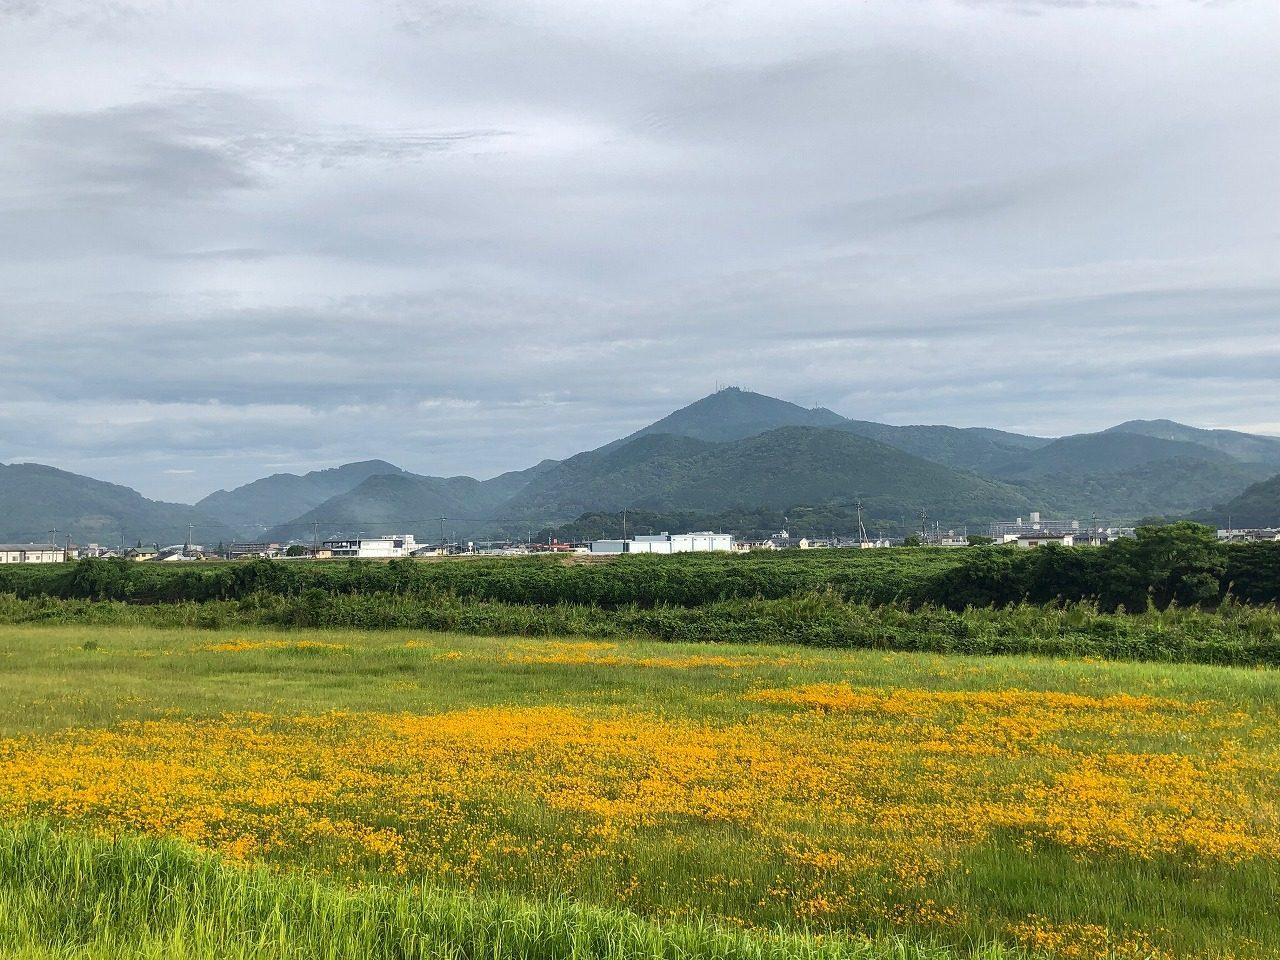 2019.6.25今朝の金峰山です。